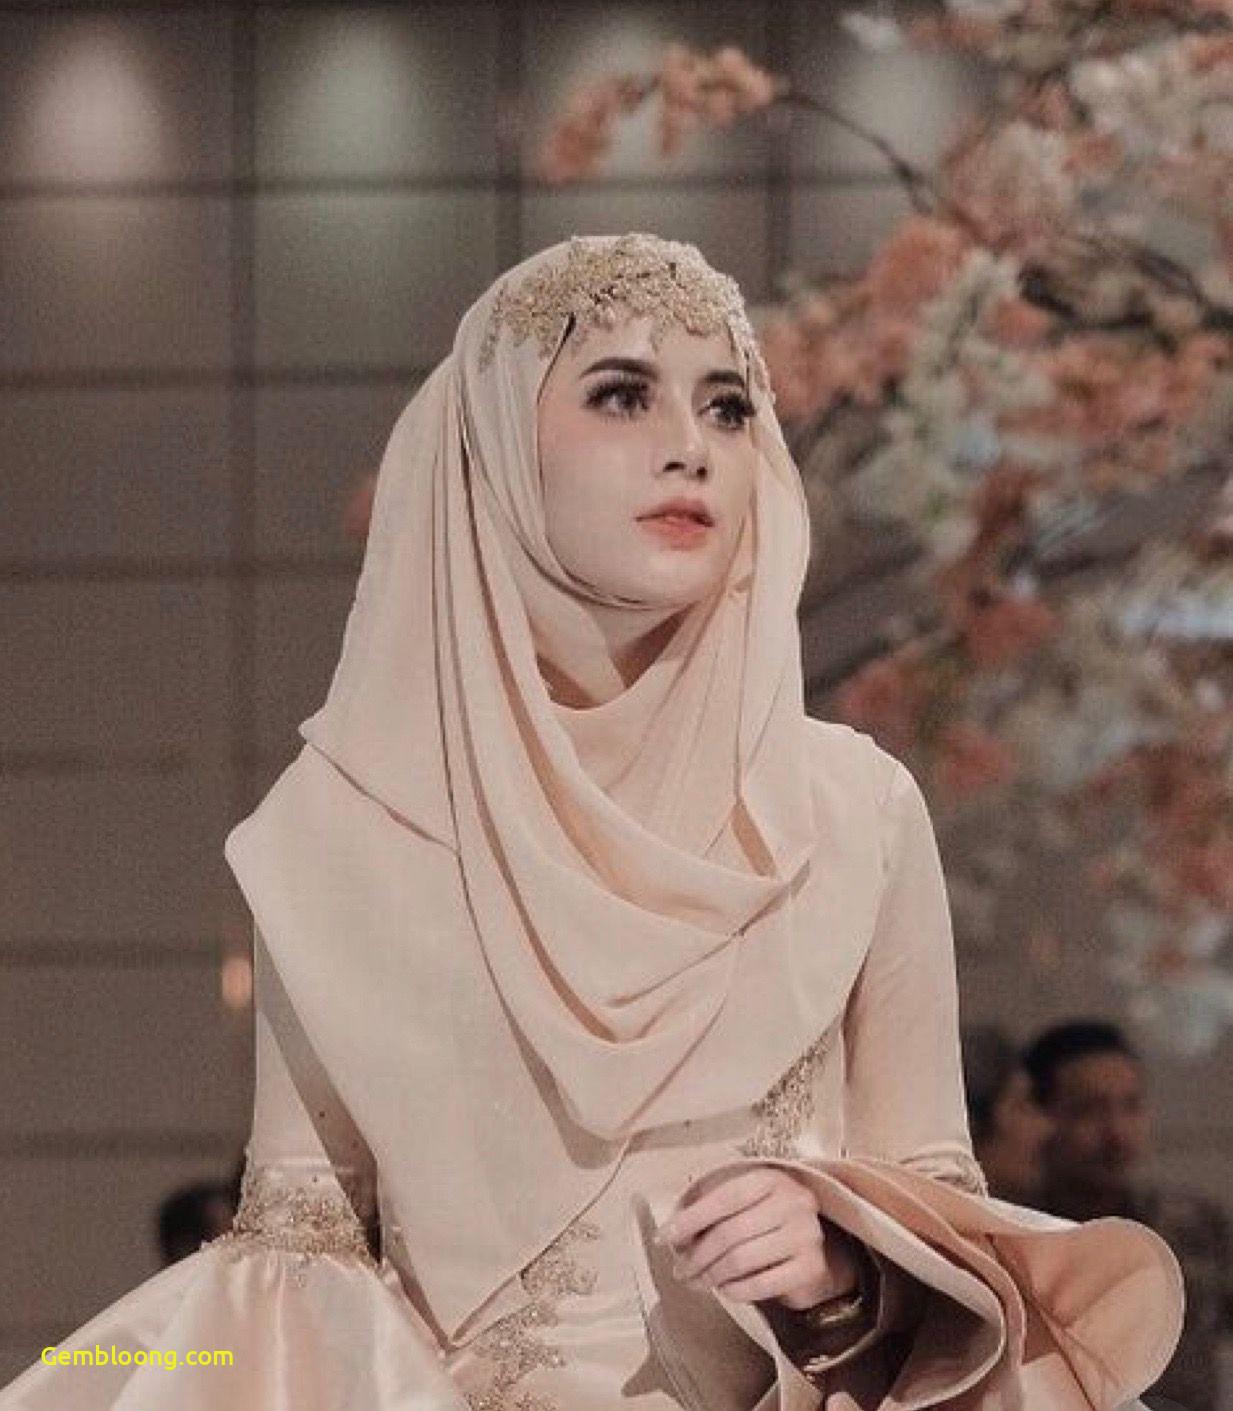 Gaun Pengantin Berhijab Luxury Pin Oleh Warda Derosallia Di Hijab Mesir Cleopatra Di 2019